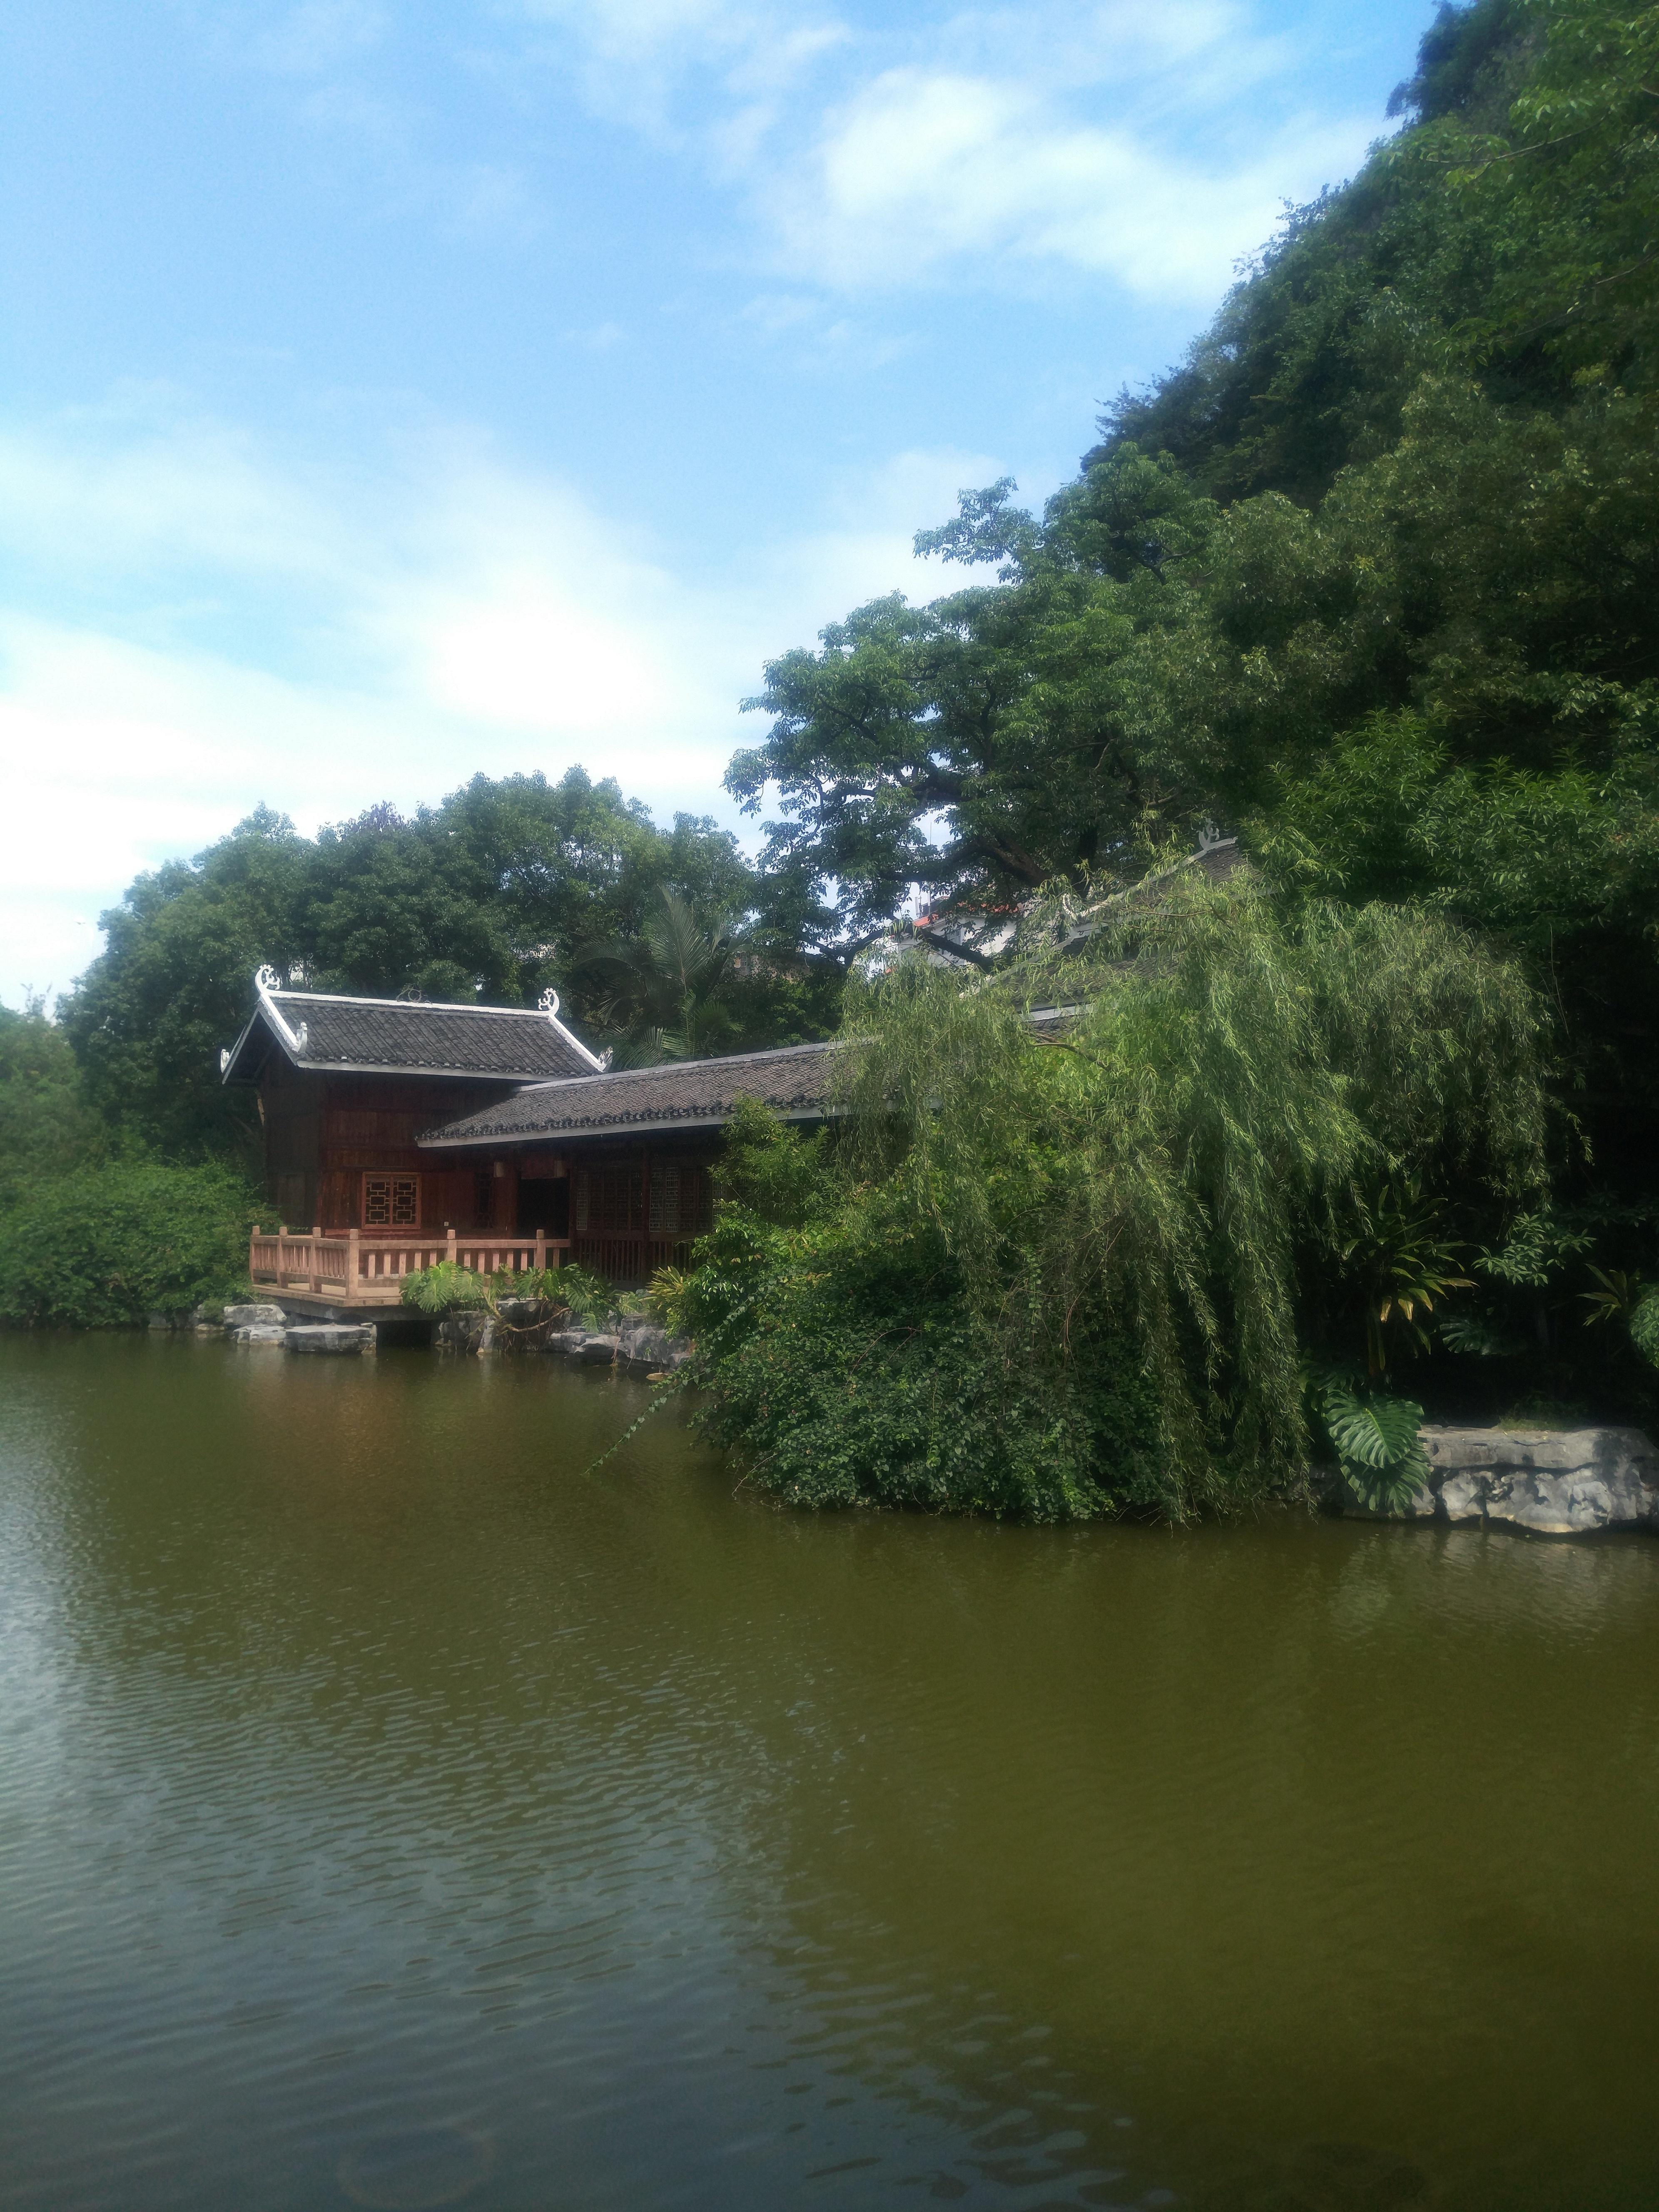 驾鹤山下的驾鹤书院,一池绿水环绕. 吃柳州特色猪脚粉